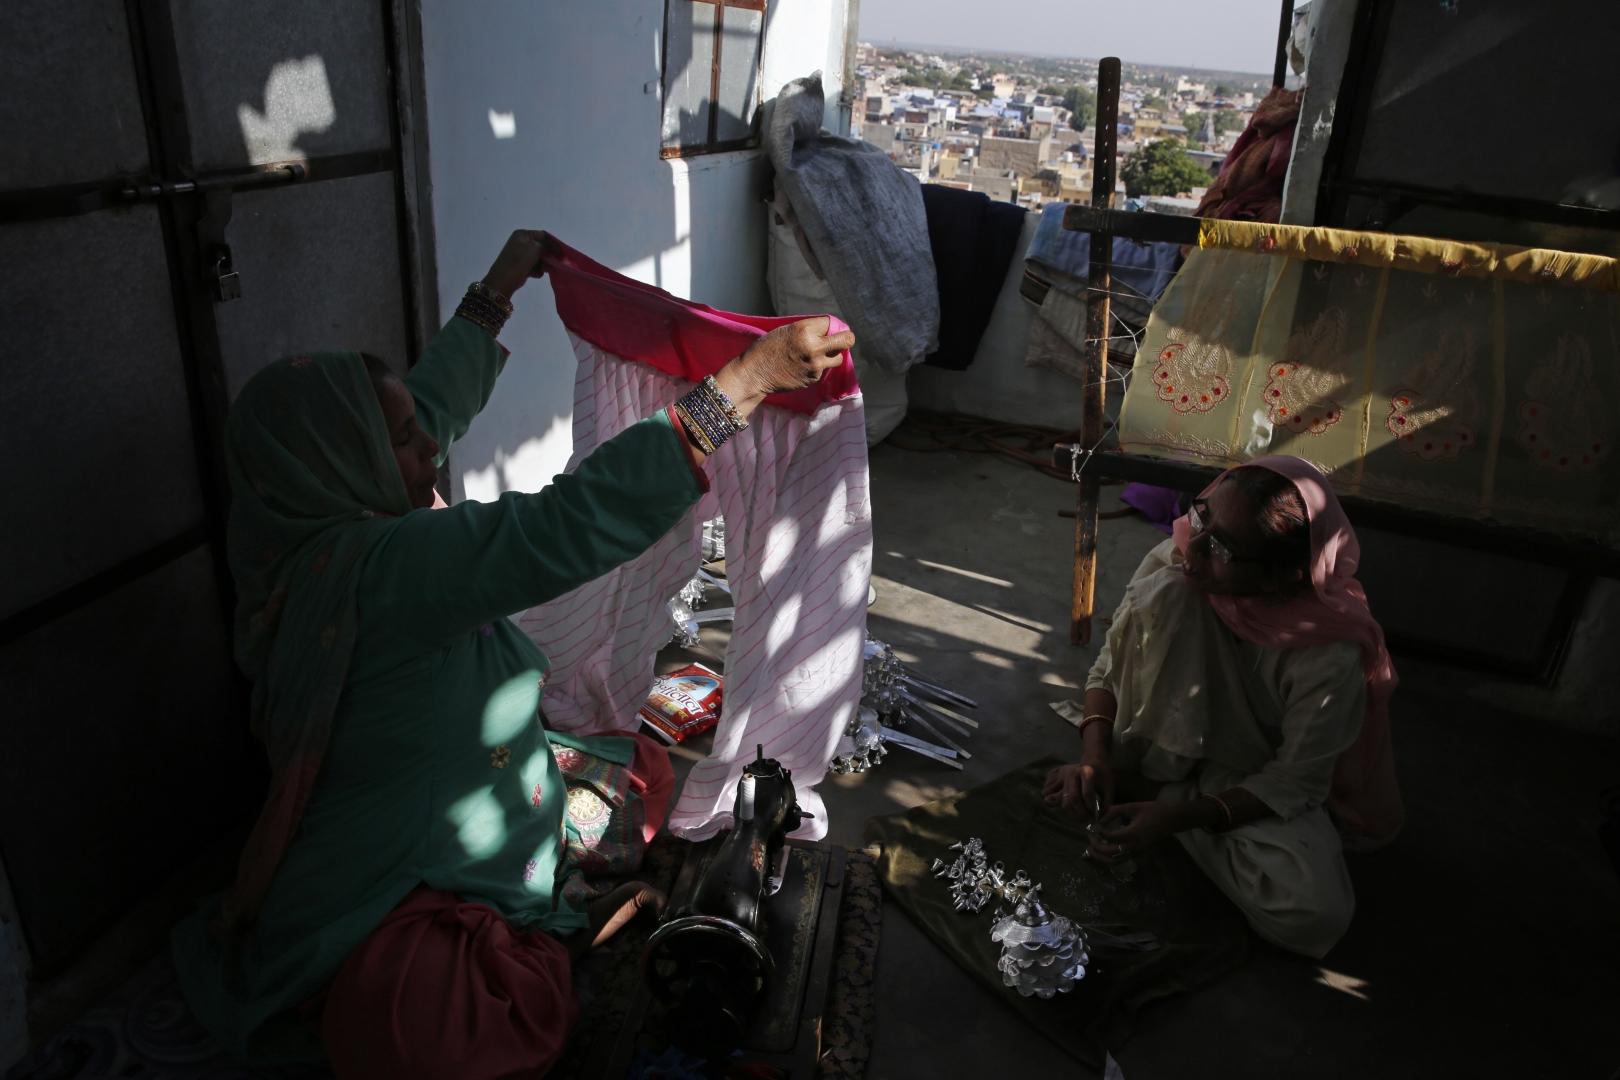 Женщины латают старые вещи на веранде дома